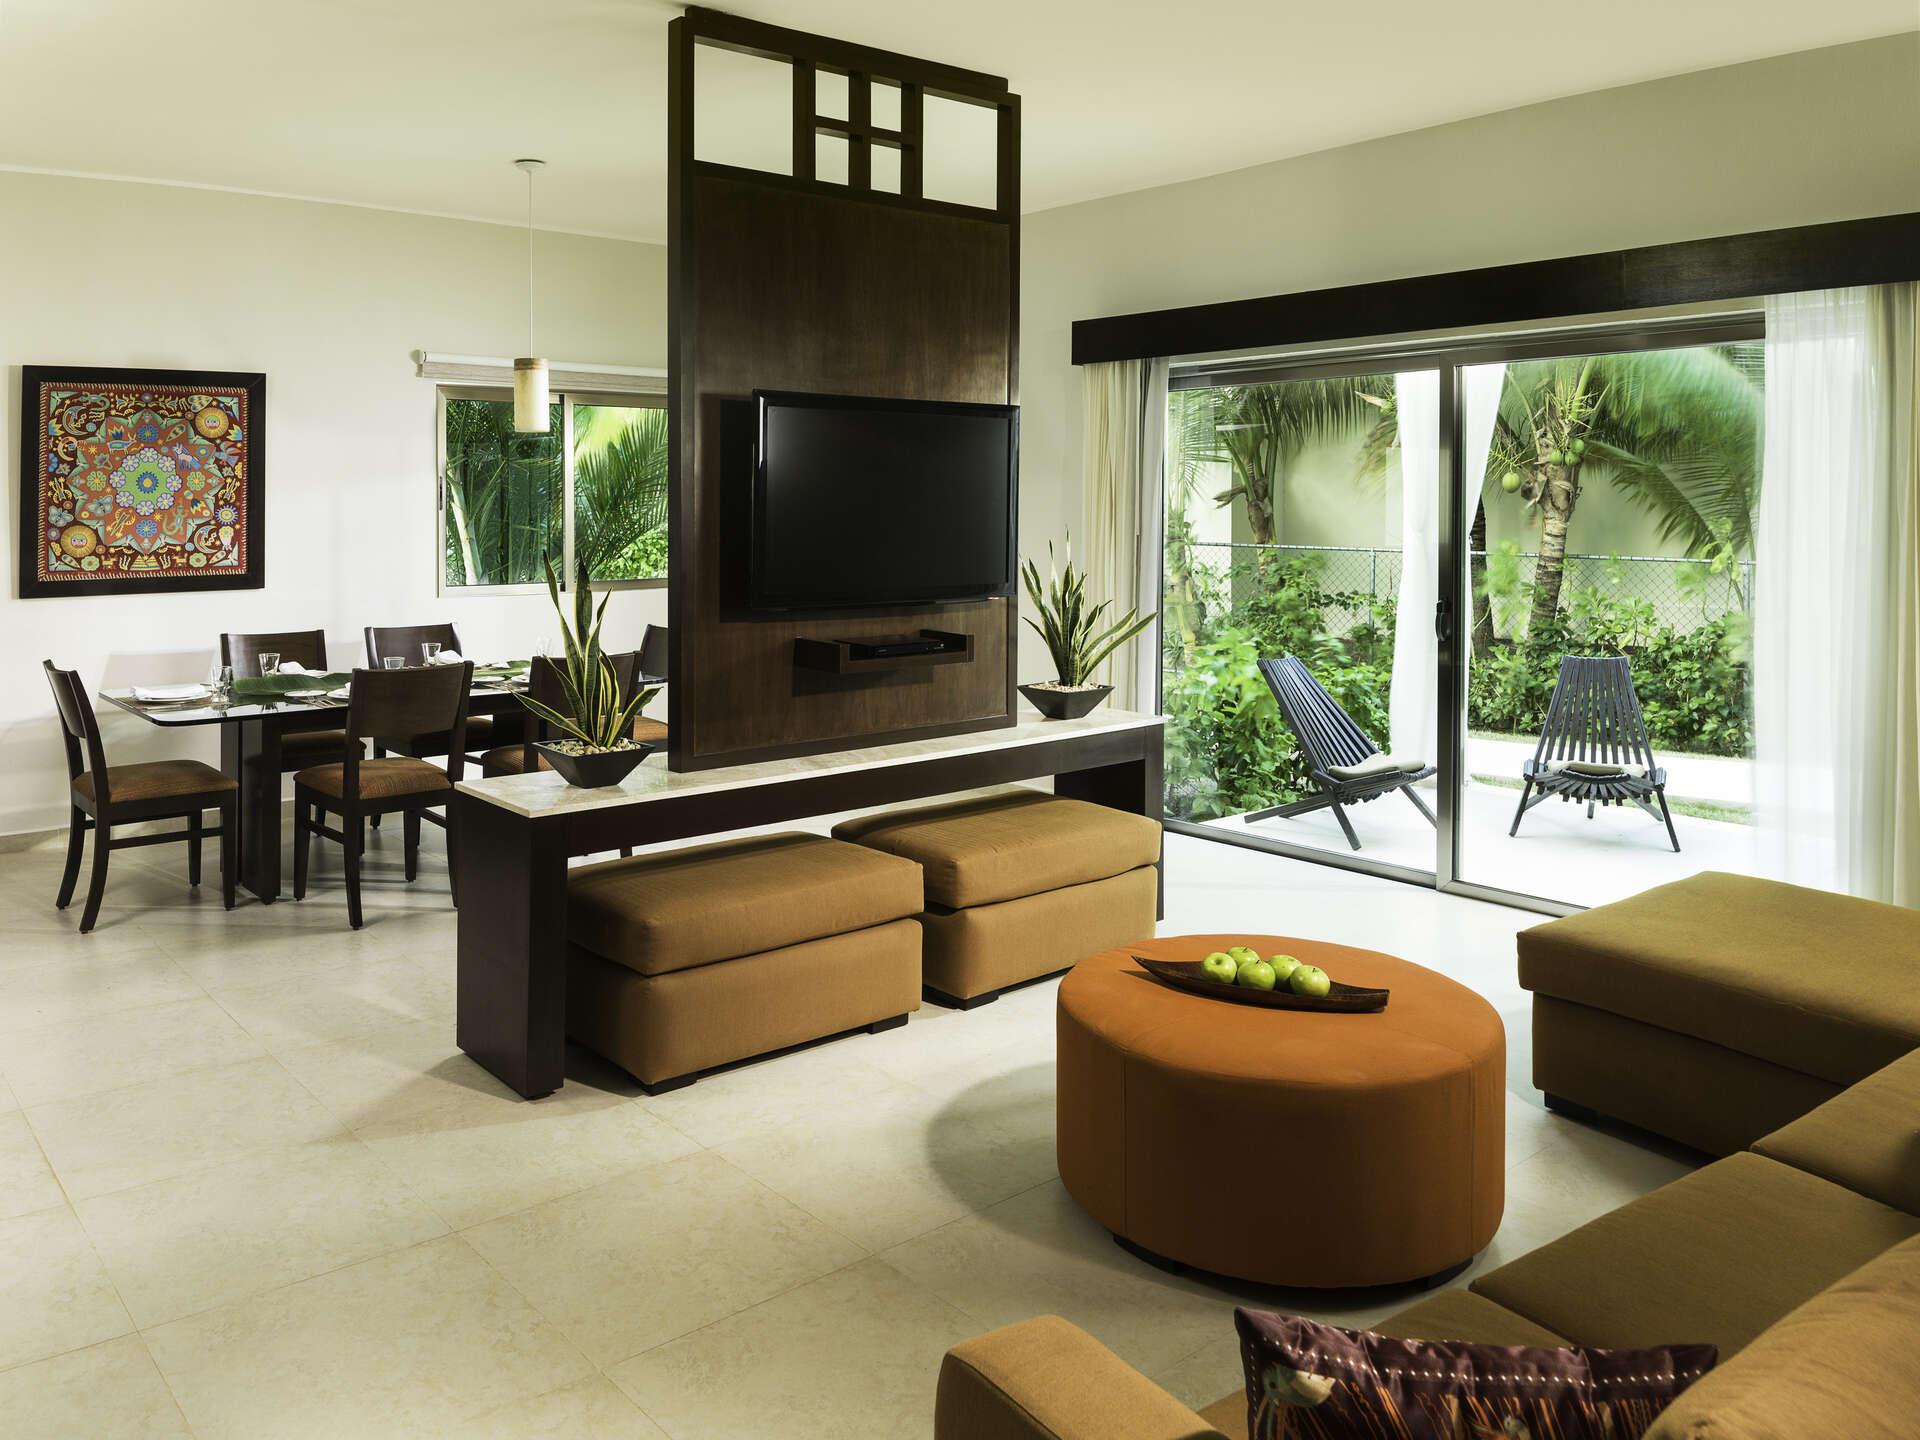 Luxury vacation rentals mexico - Riviera maya - Playa del carmen - El dorado maroma spa resort - Presidential Studio - Image 1/13